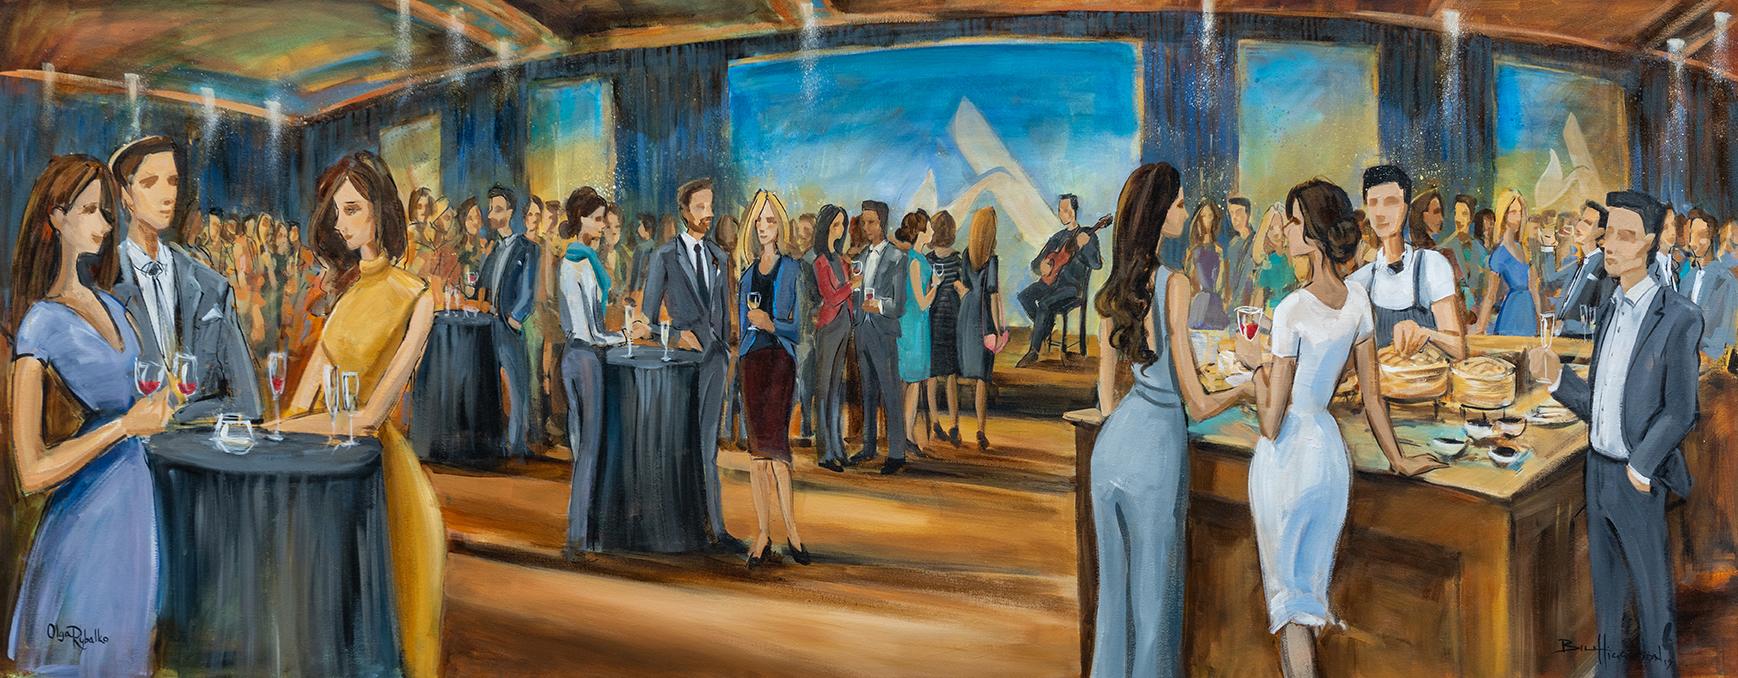 impressions live art - Fairmont Pacific Rim Live event painting.jpg